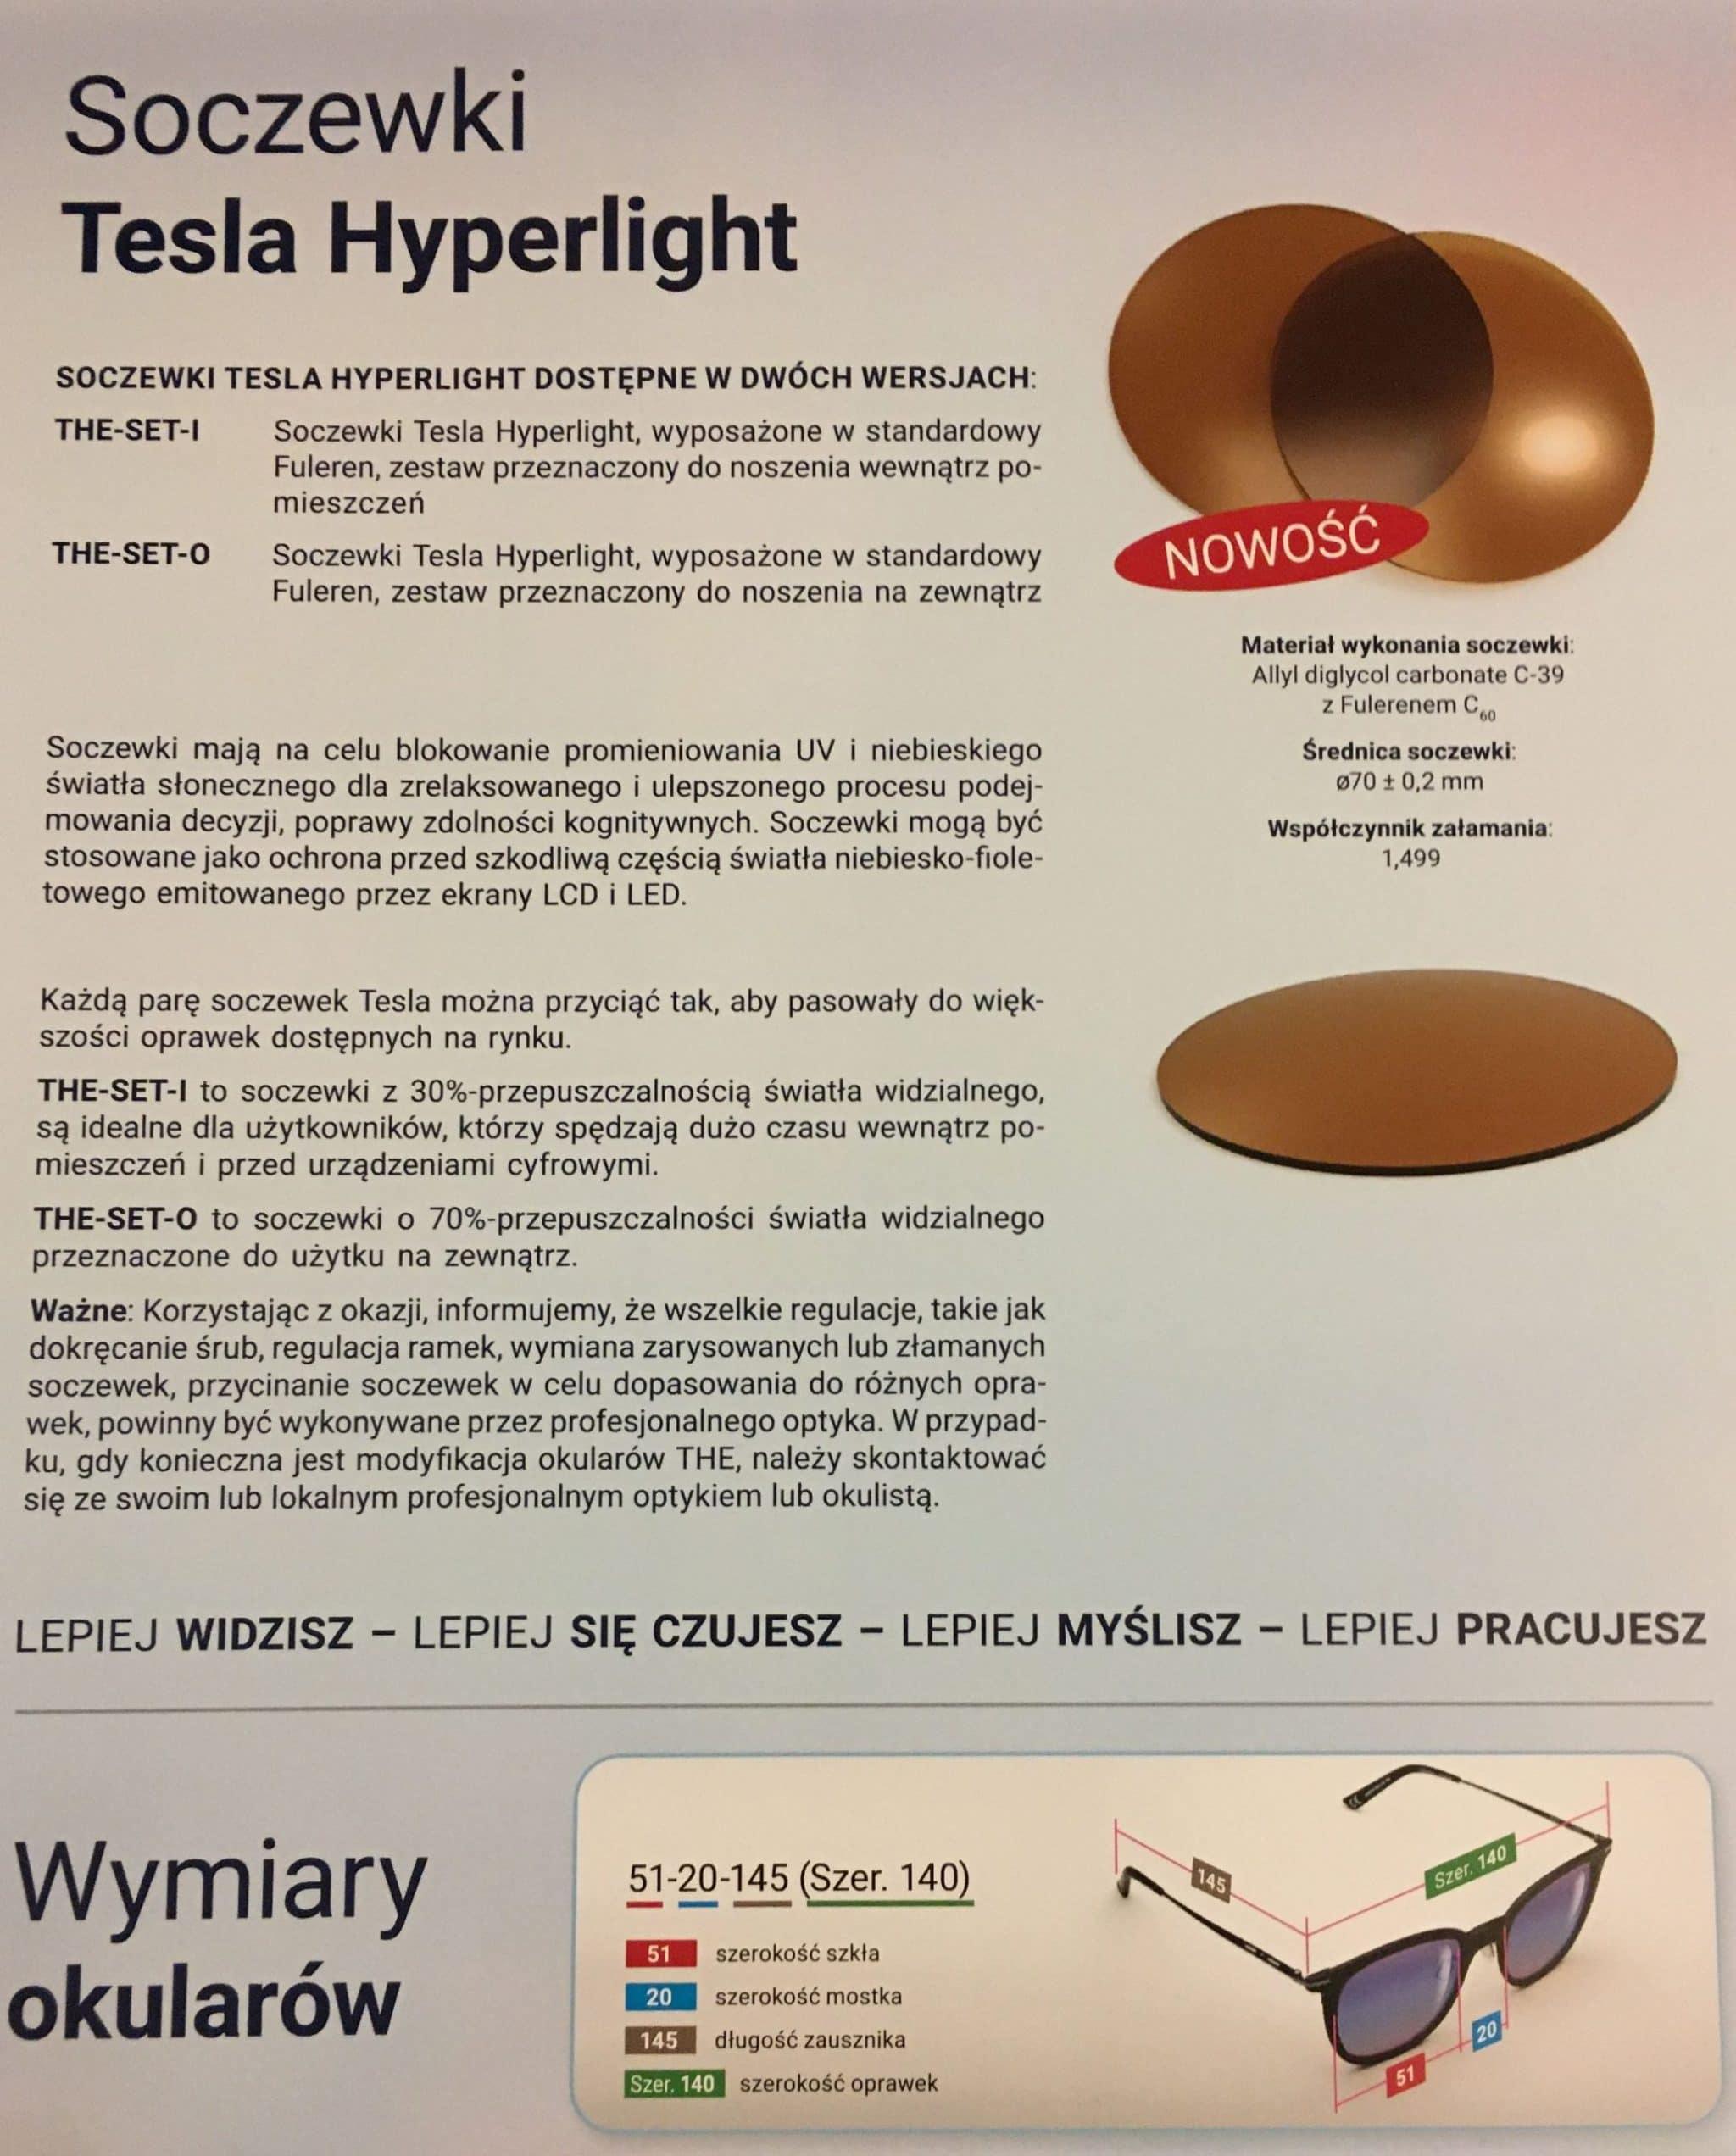 Soczewski Tesla Hyperlight